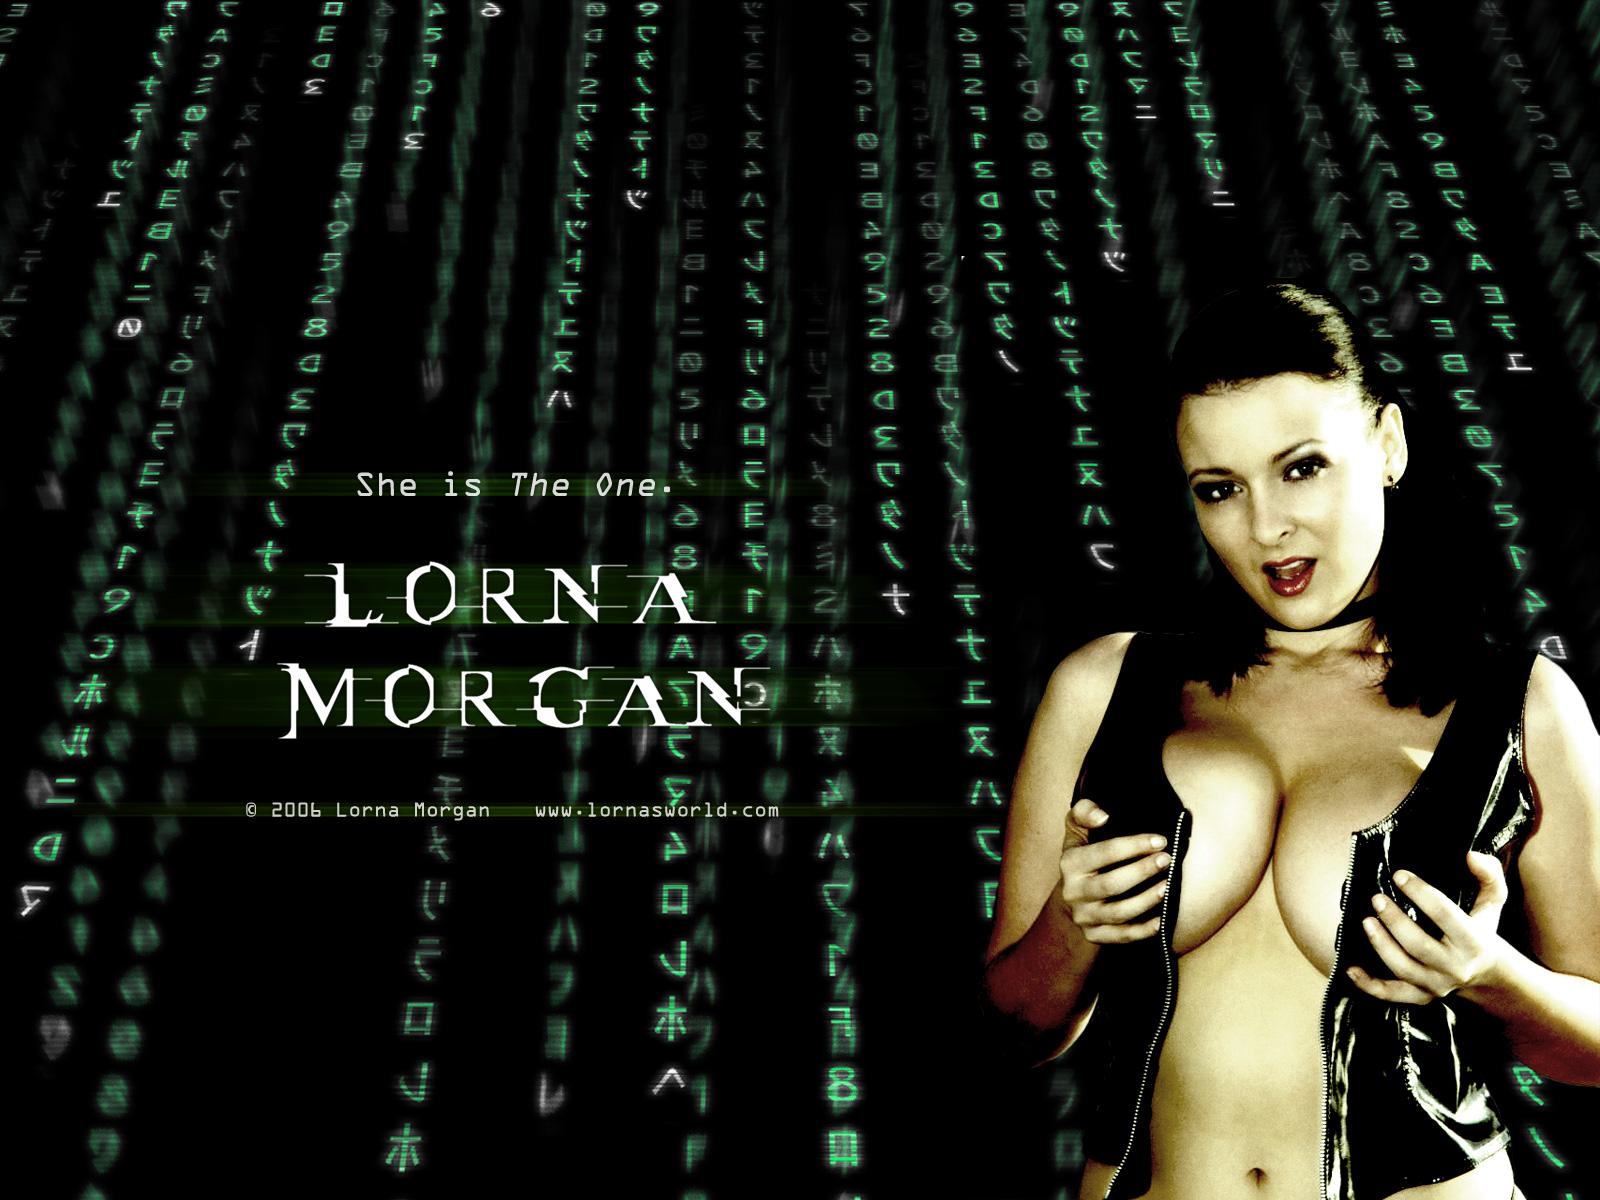 Lorna morgan 2